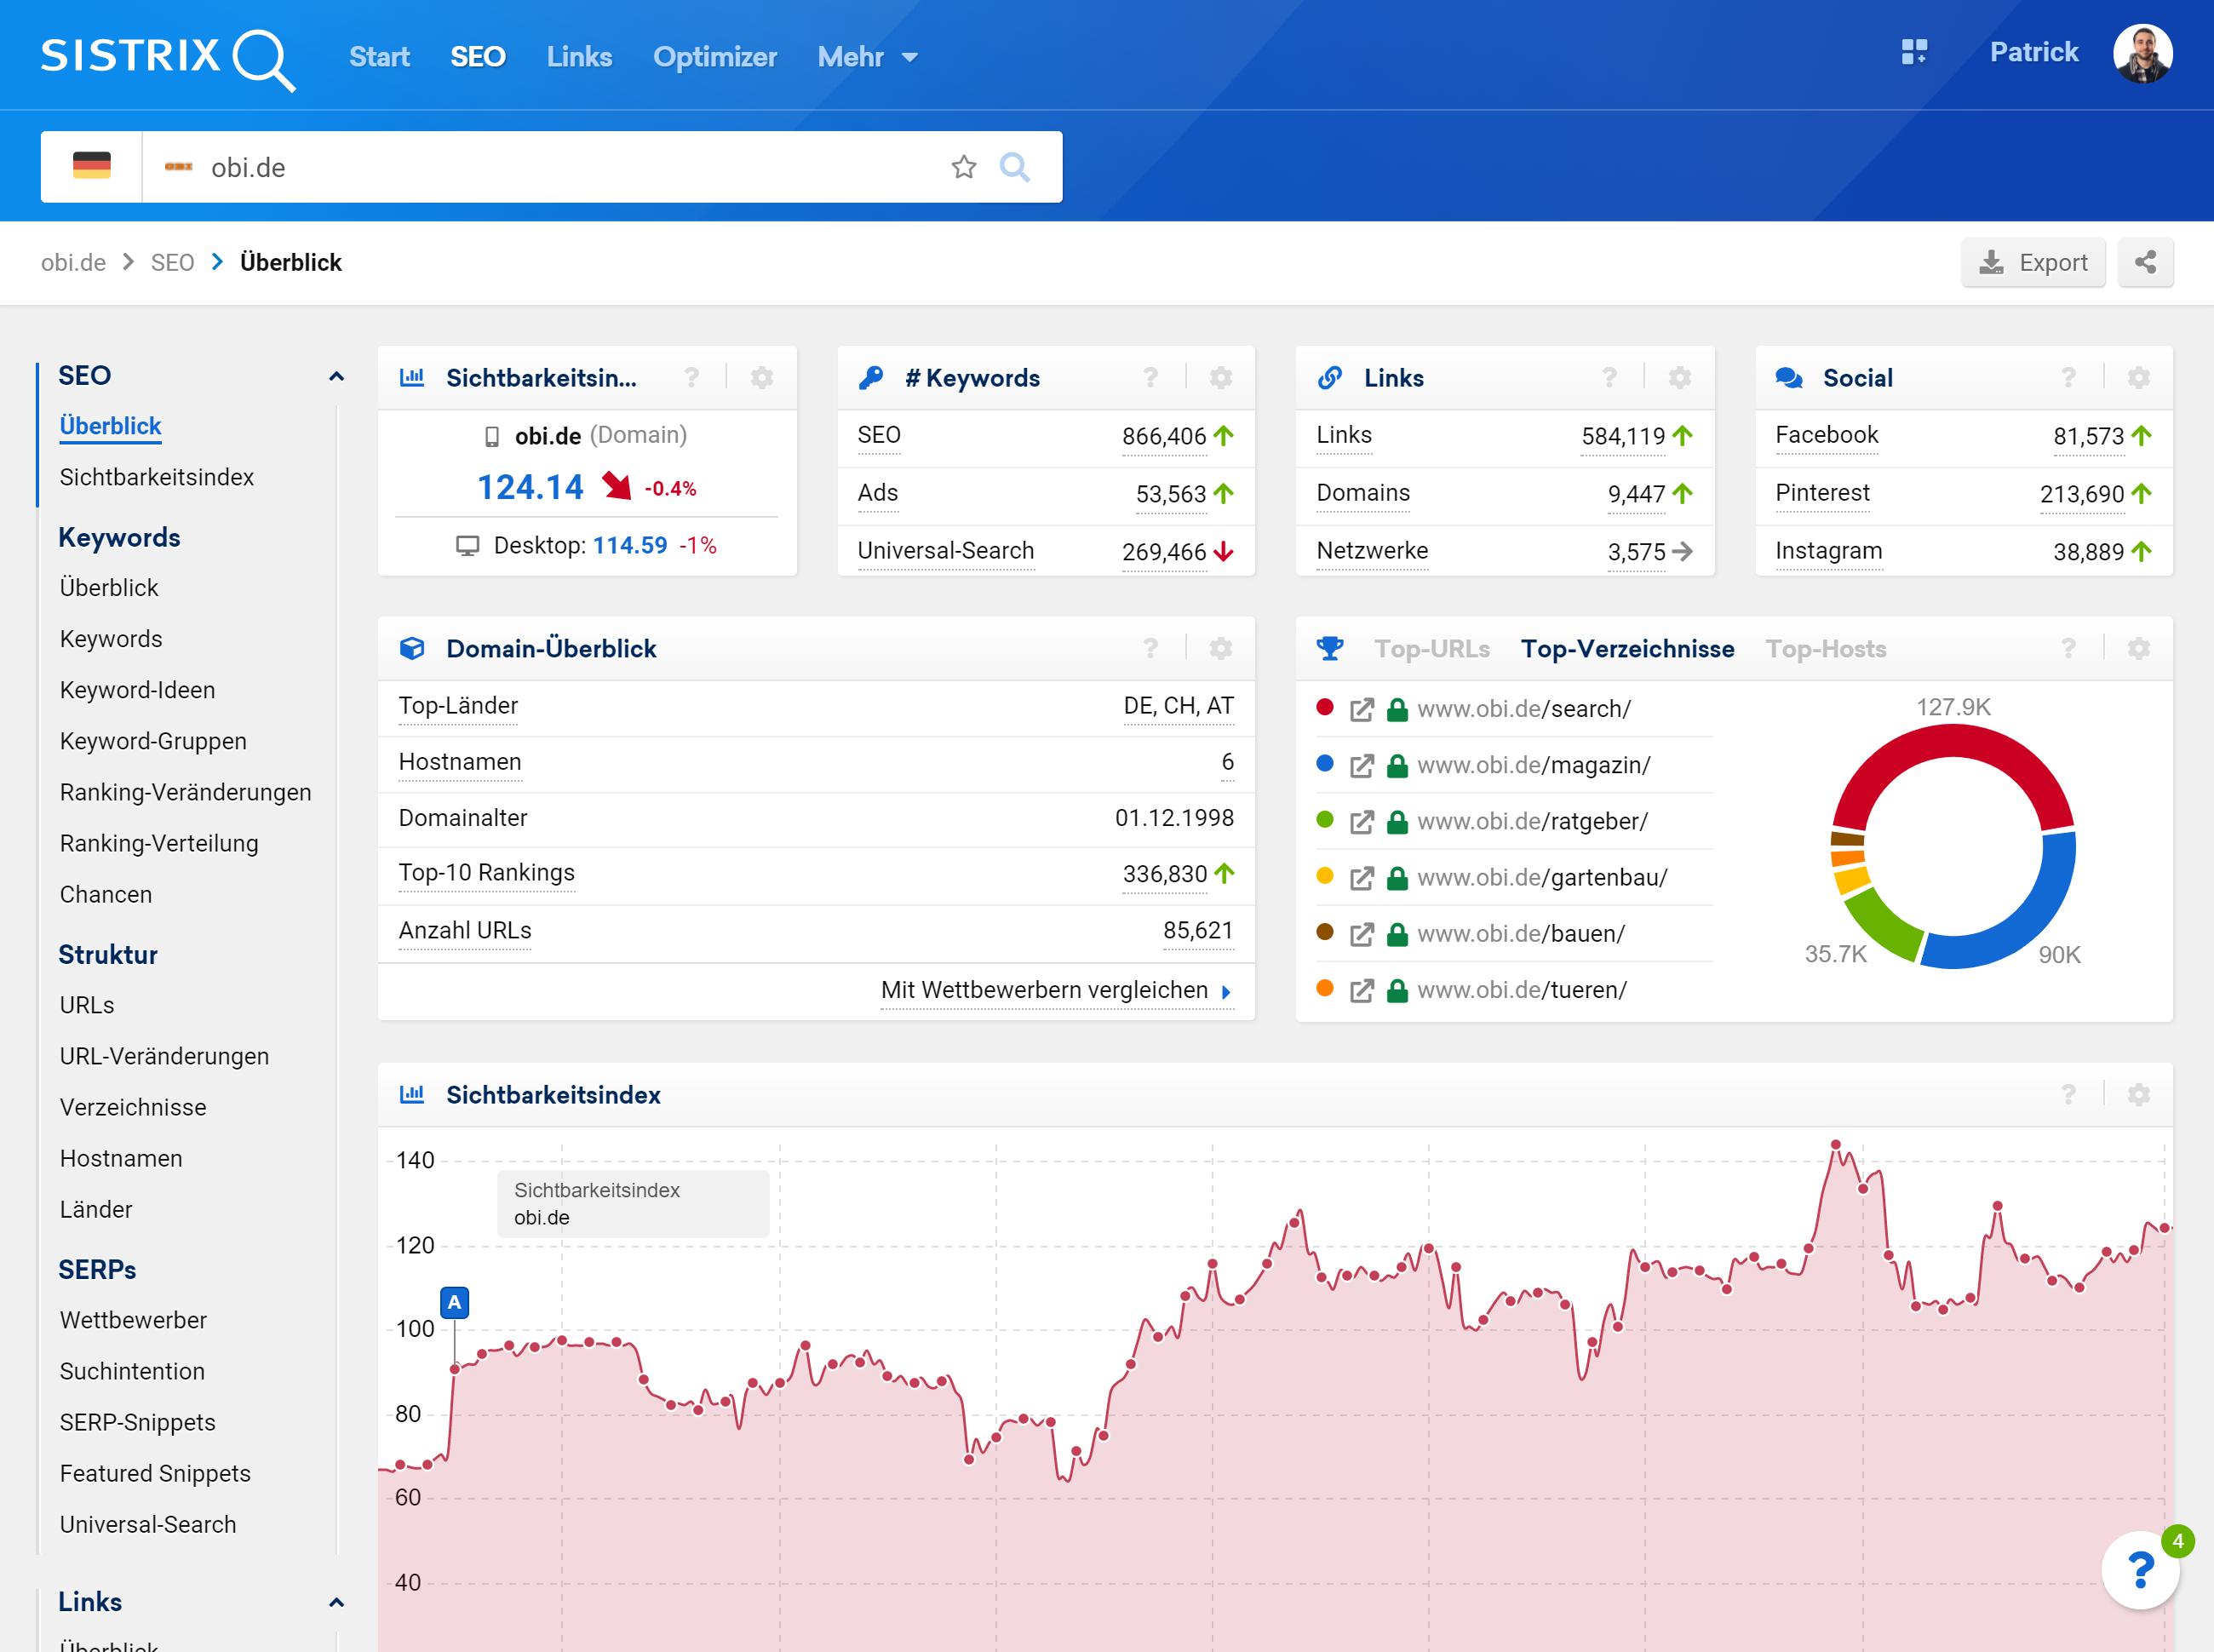 Domain-Überblick-Seite für die Domain obi.de mit dem Klickpfad zur Verzeichnis-Auswertung in der linken Navigation.